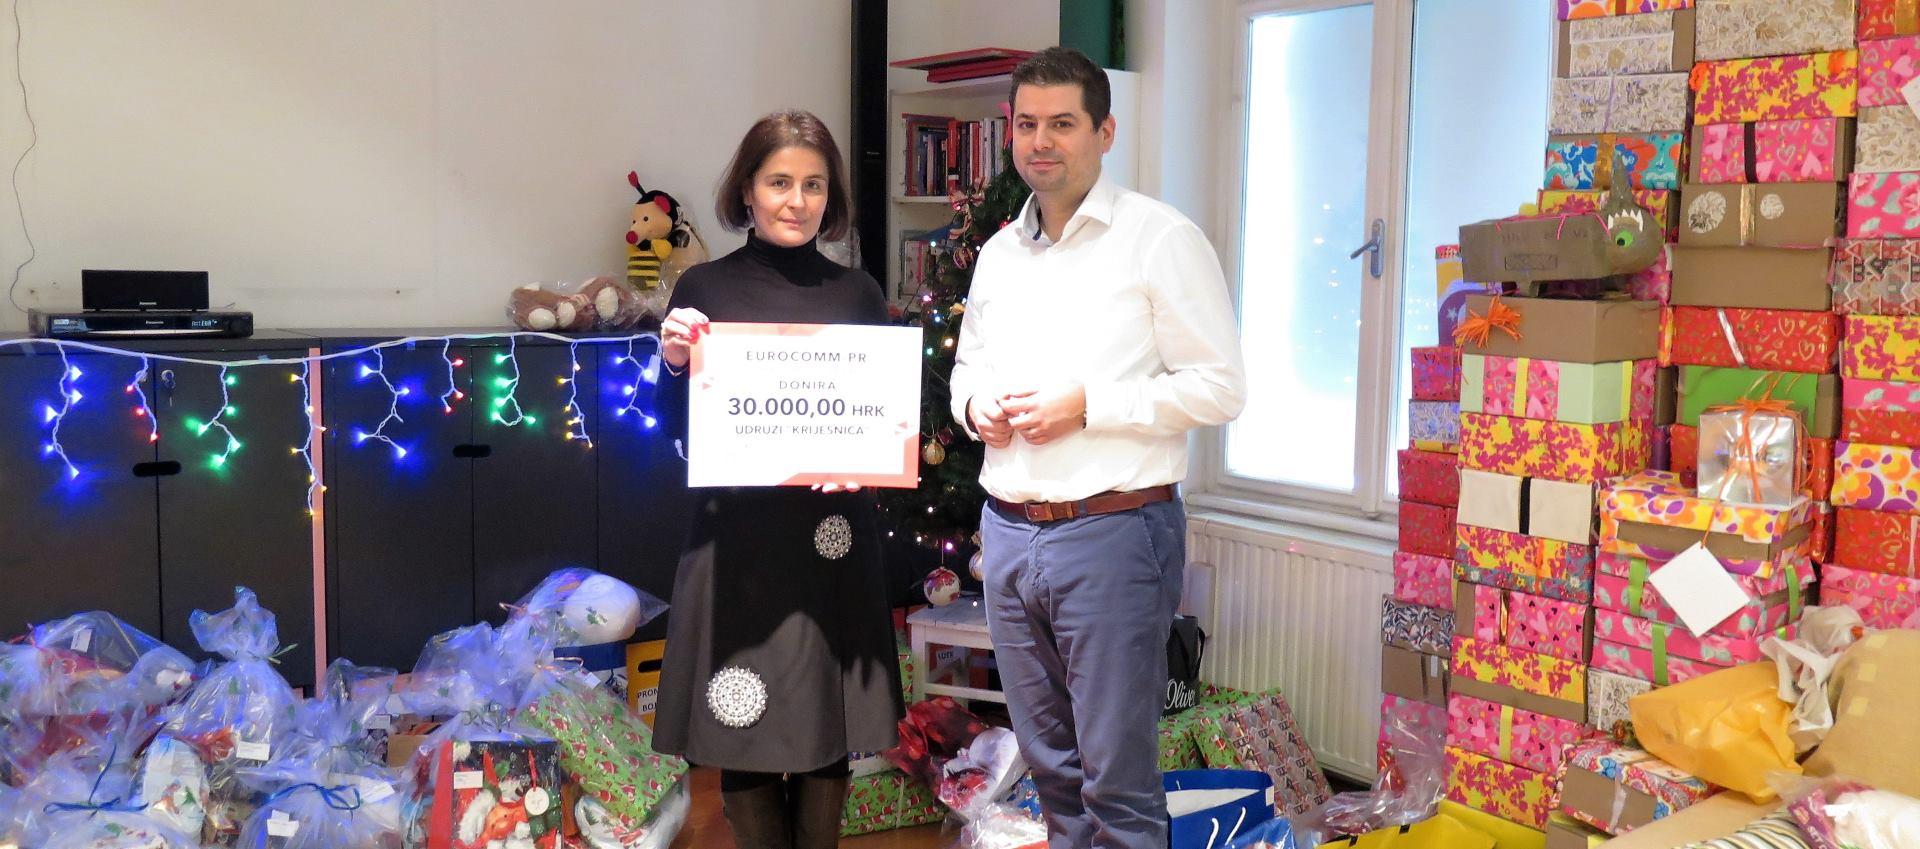 Inozemni ured Grada Beča u Zagrebu uručio donaciju Udruzi Krijesnica